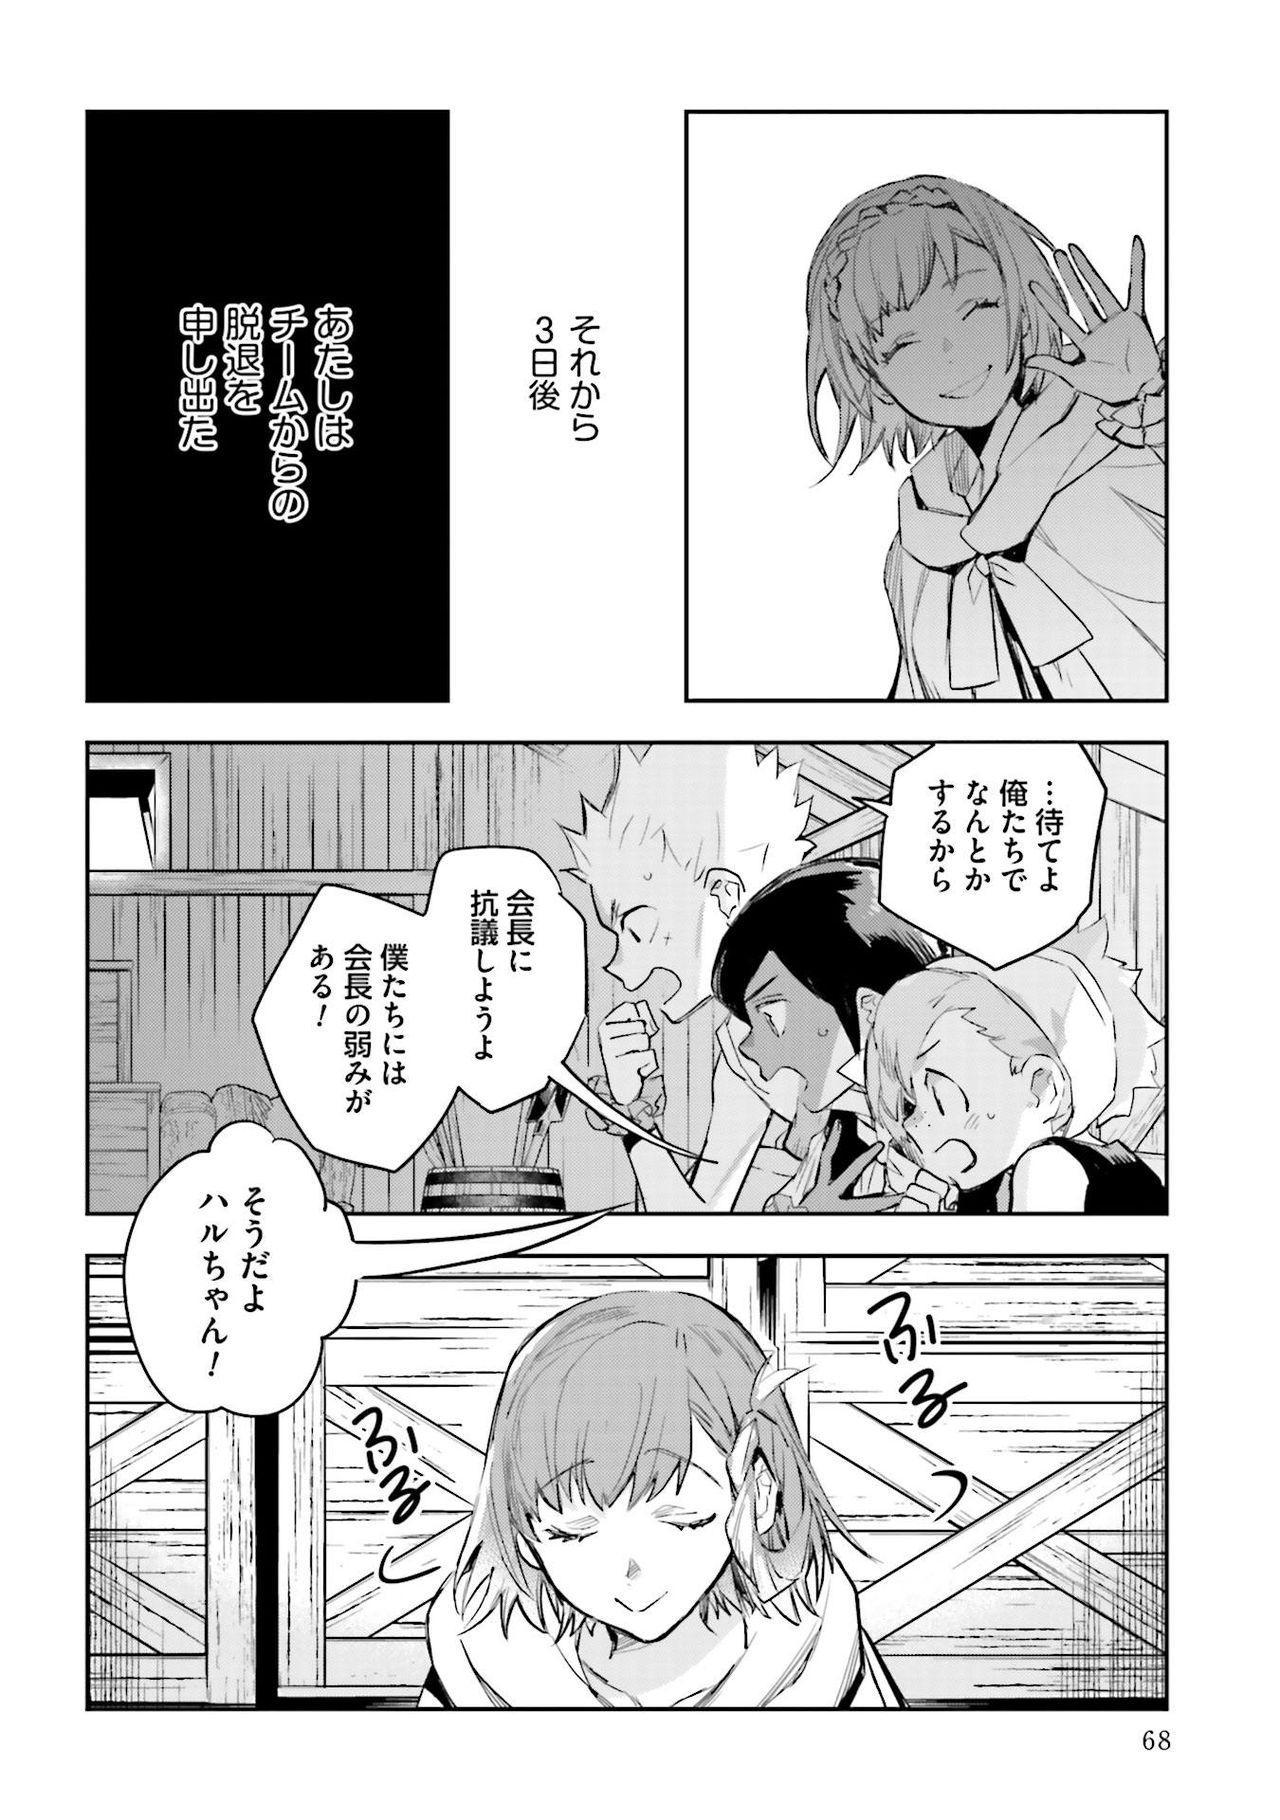 JK Haru wa Isekai de Shoufu ni Natta 1-14 427